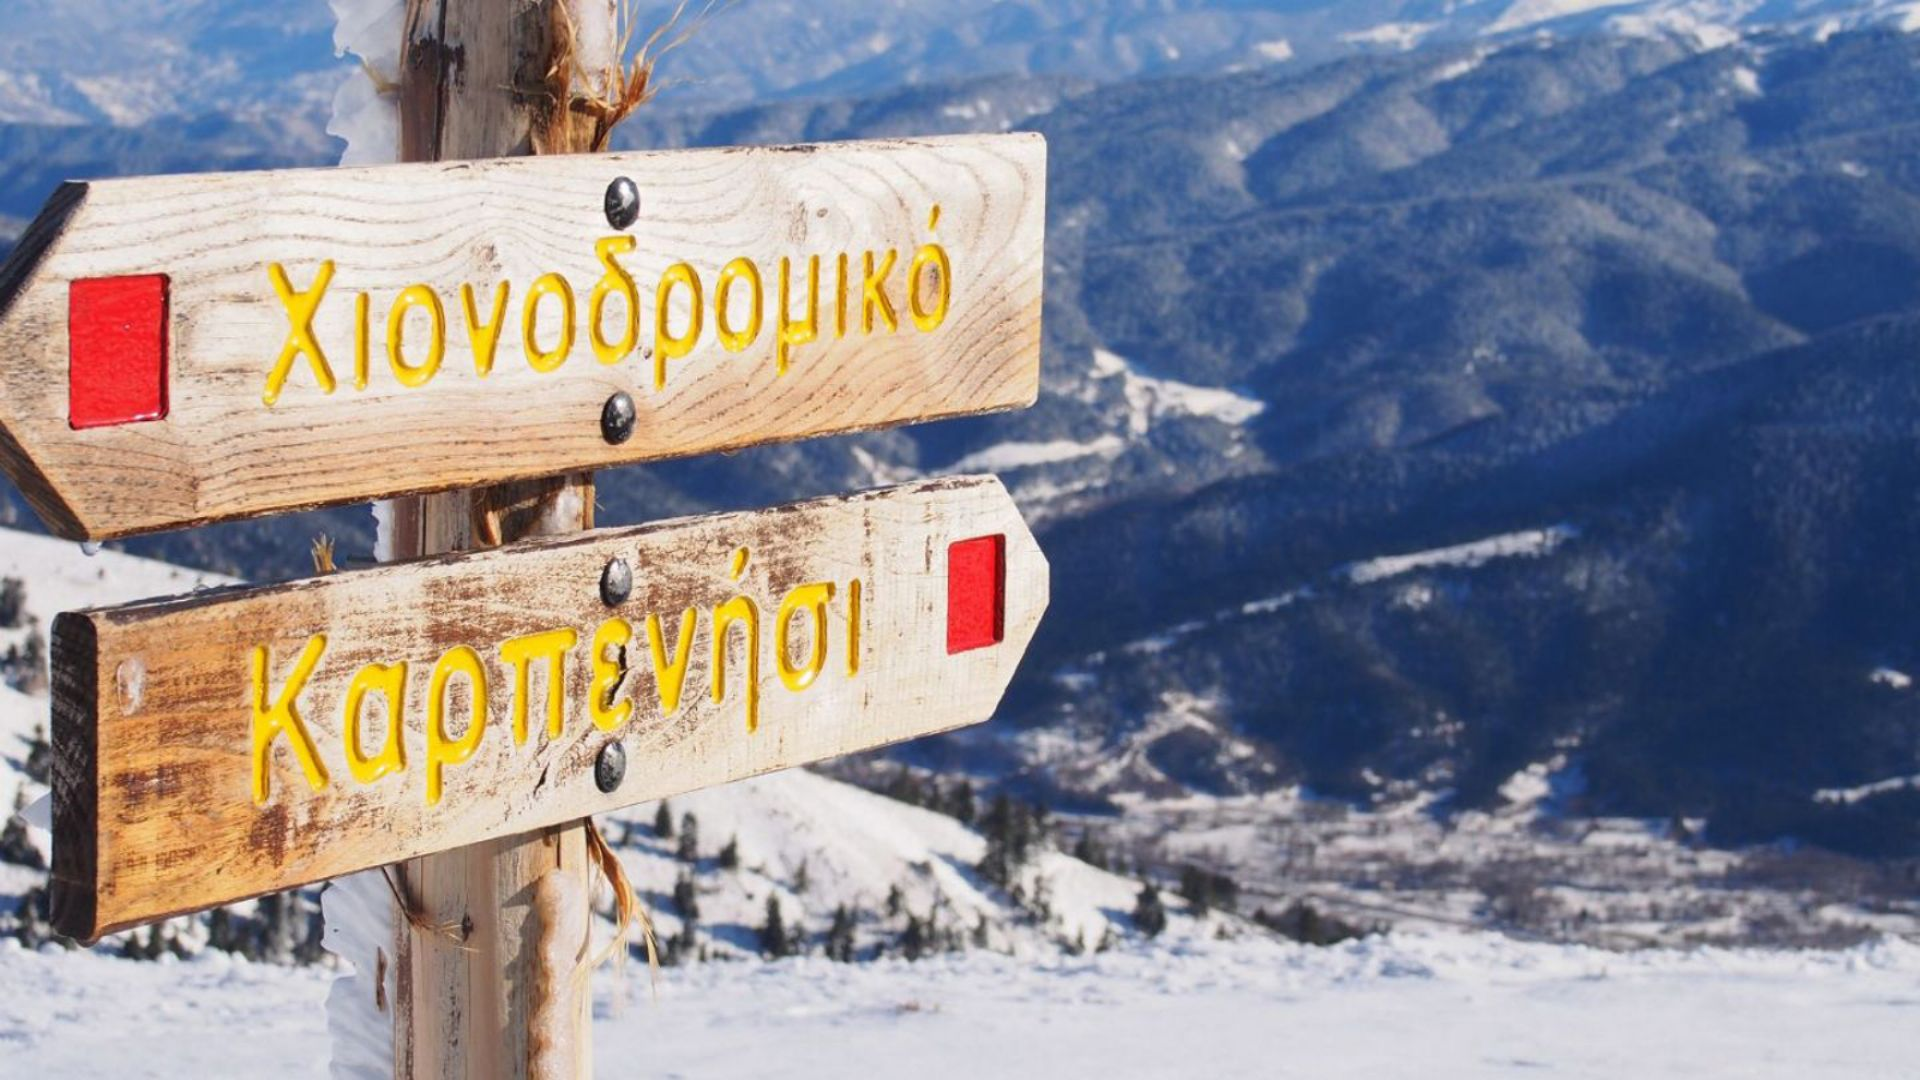 Χιονοδρομικό Κέντρο Καρπενήσι